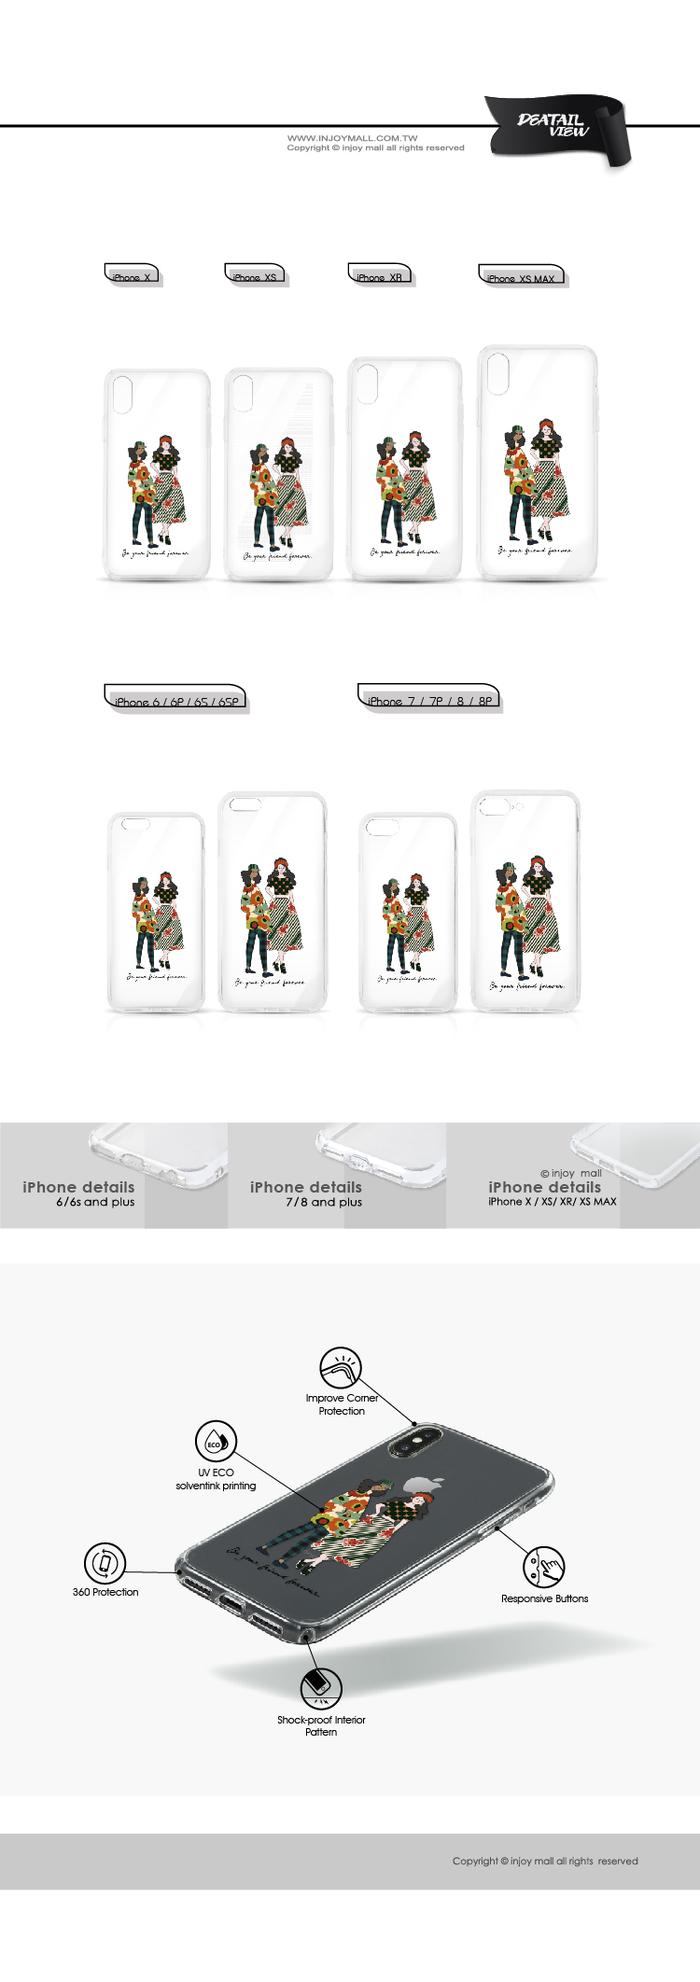 (複製)INJOY mall iPhone 6 / 7 / 8 / Plus / X / XS / XR / max 系列 跟我一起搖擺 透明耐衝擊防摔手機